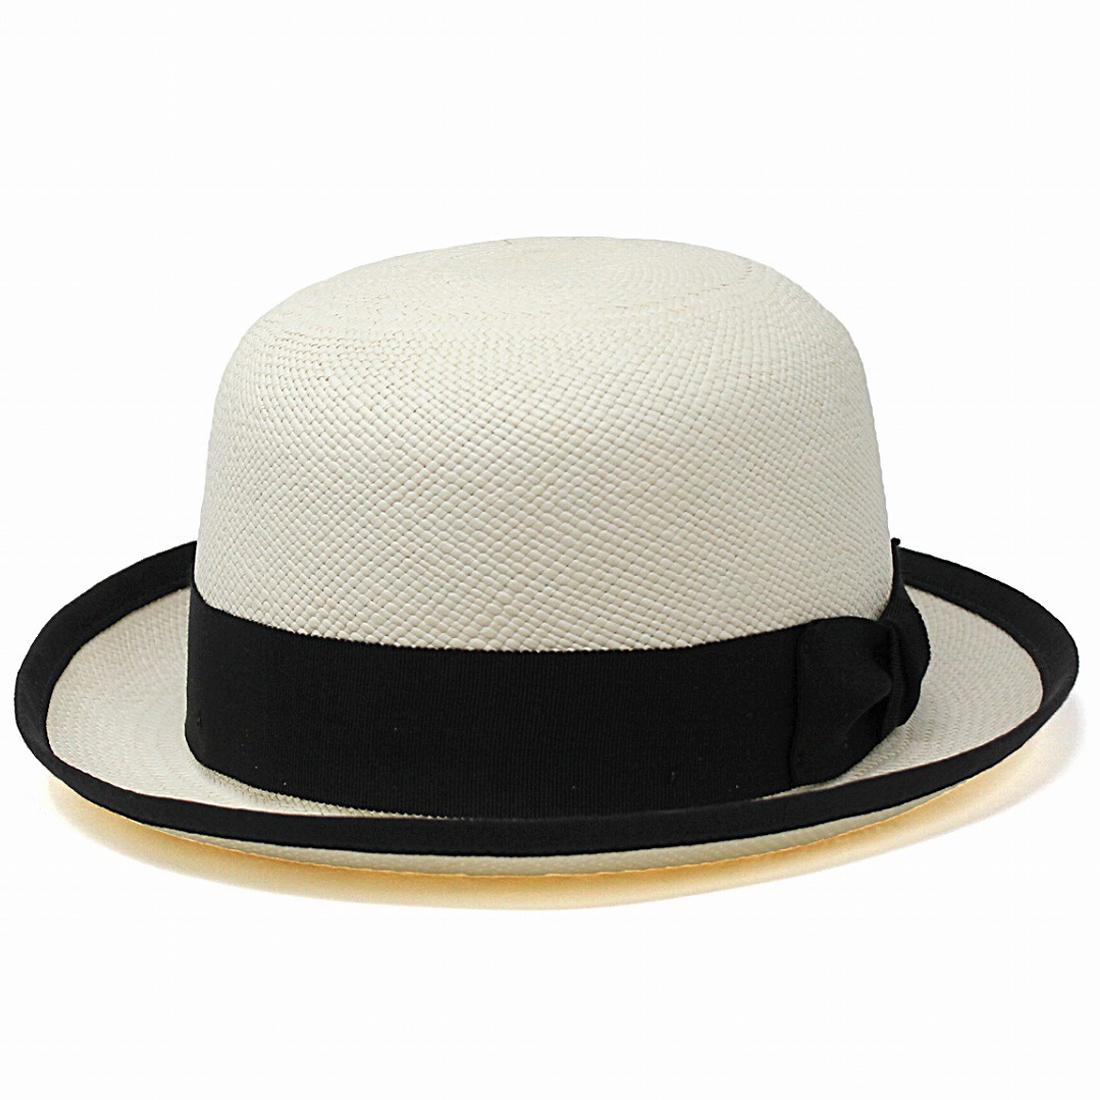 パナマ ボーラーハット メンズ 春 夏 帽子 ベイリー パナマハット モノトーン Bailey インポート 海外ブランド アメリカ製 パナマ帽 トキヤ草 高級 M L XL